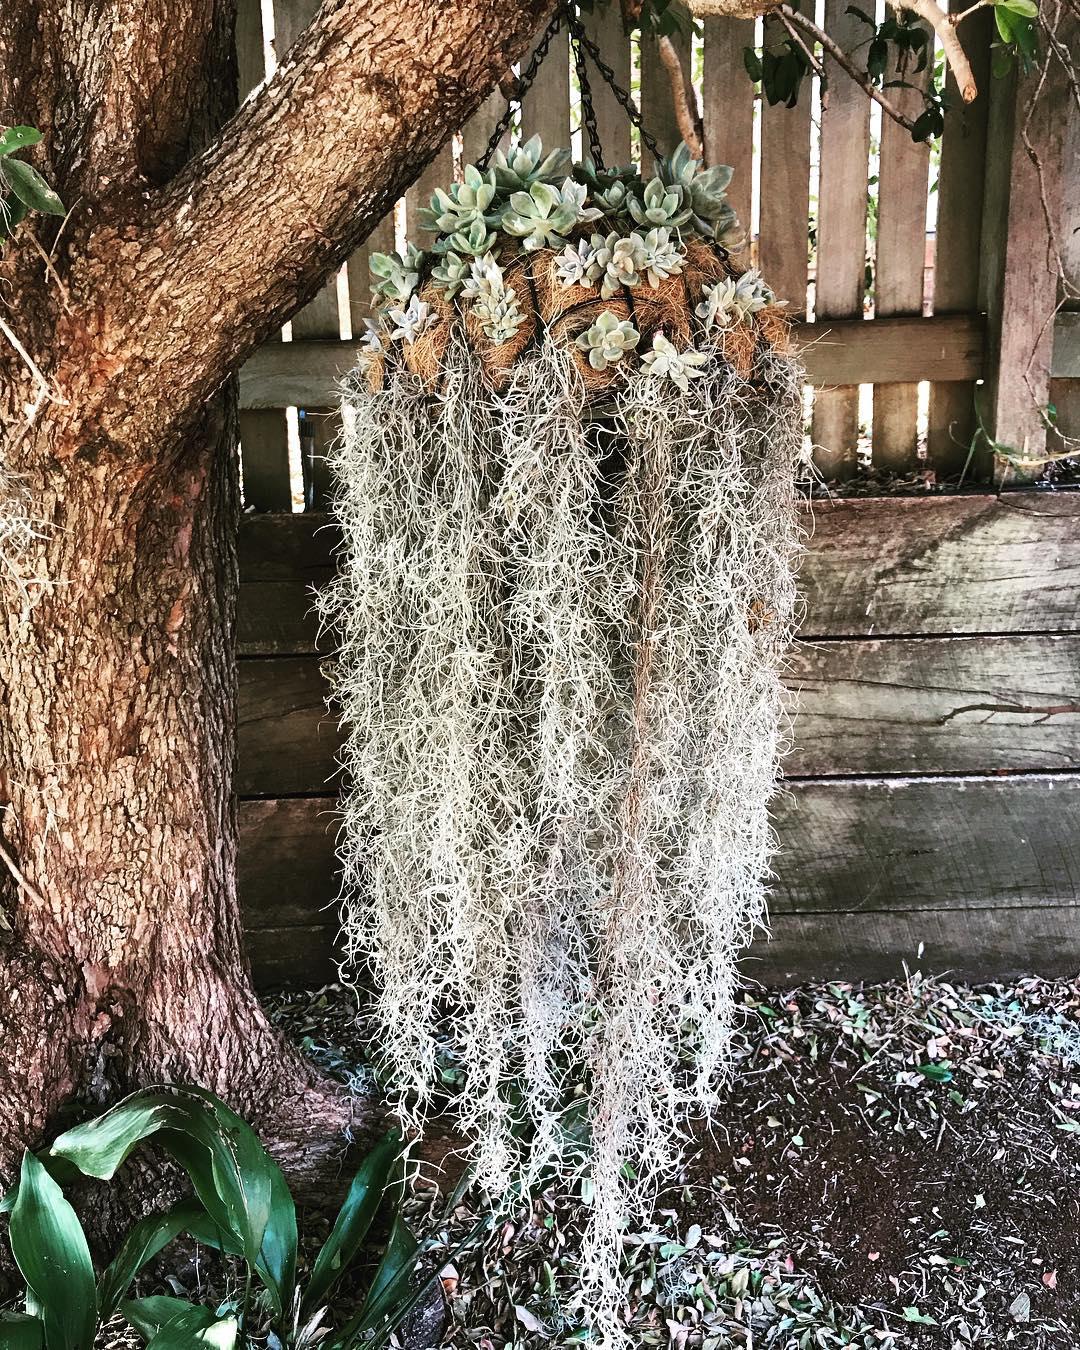 Khám phá xu hướng trồng cây mọng nước hình con sứa khiến cộng đồng mạng điên đảo - Ảnh 8.